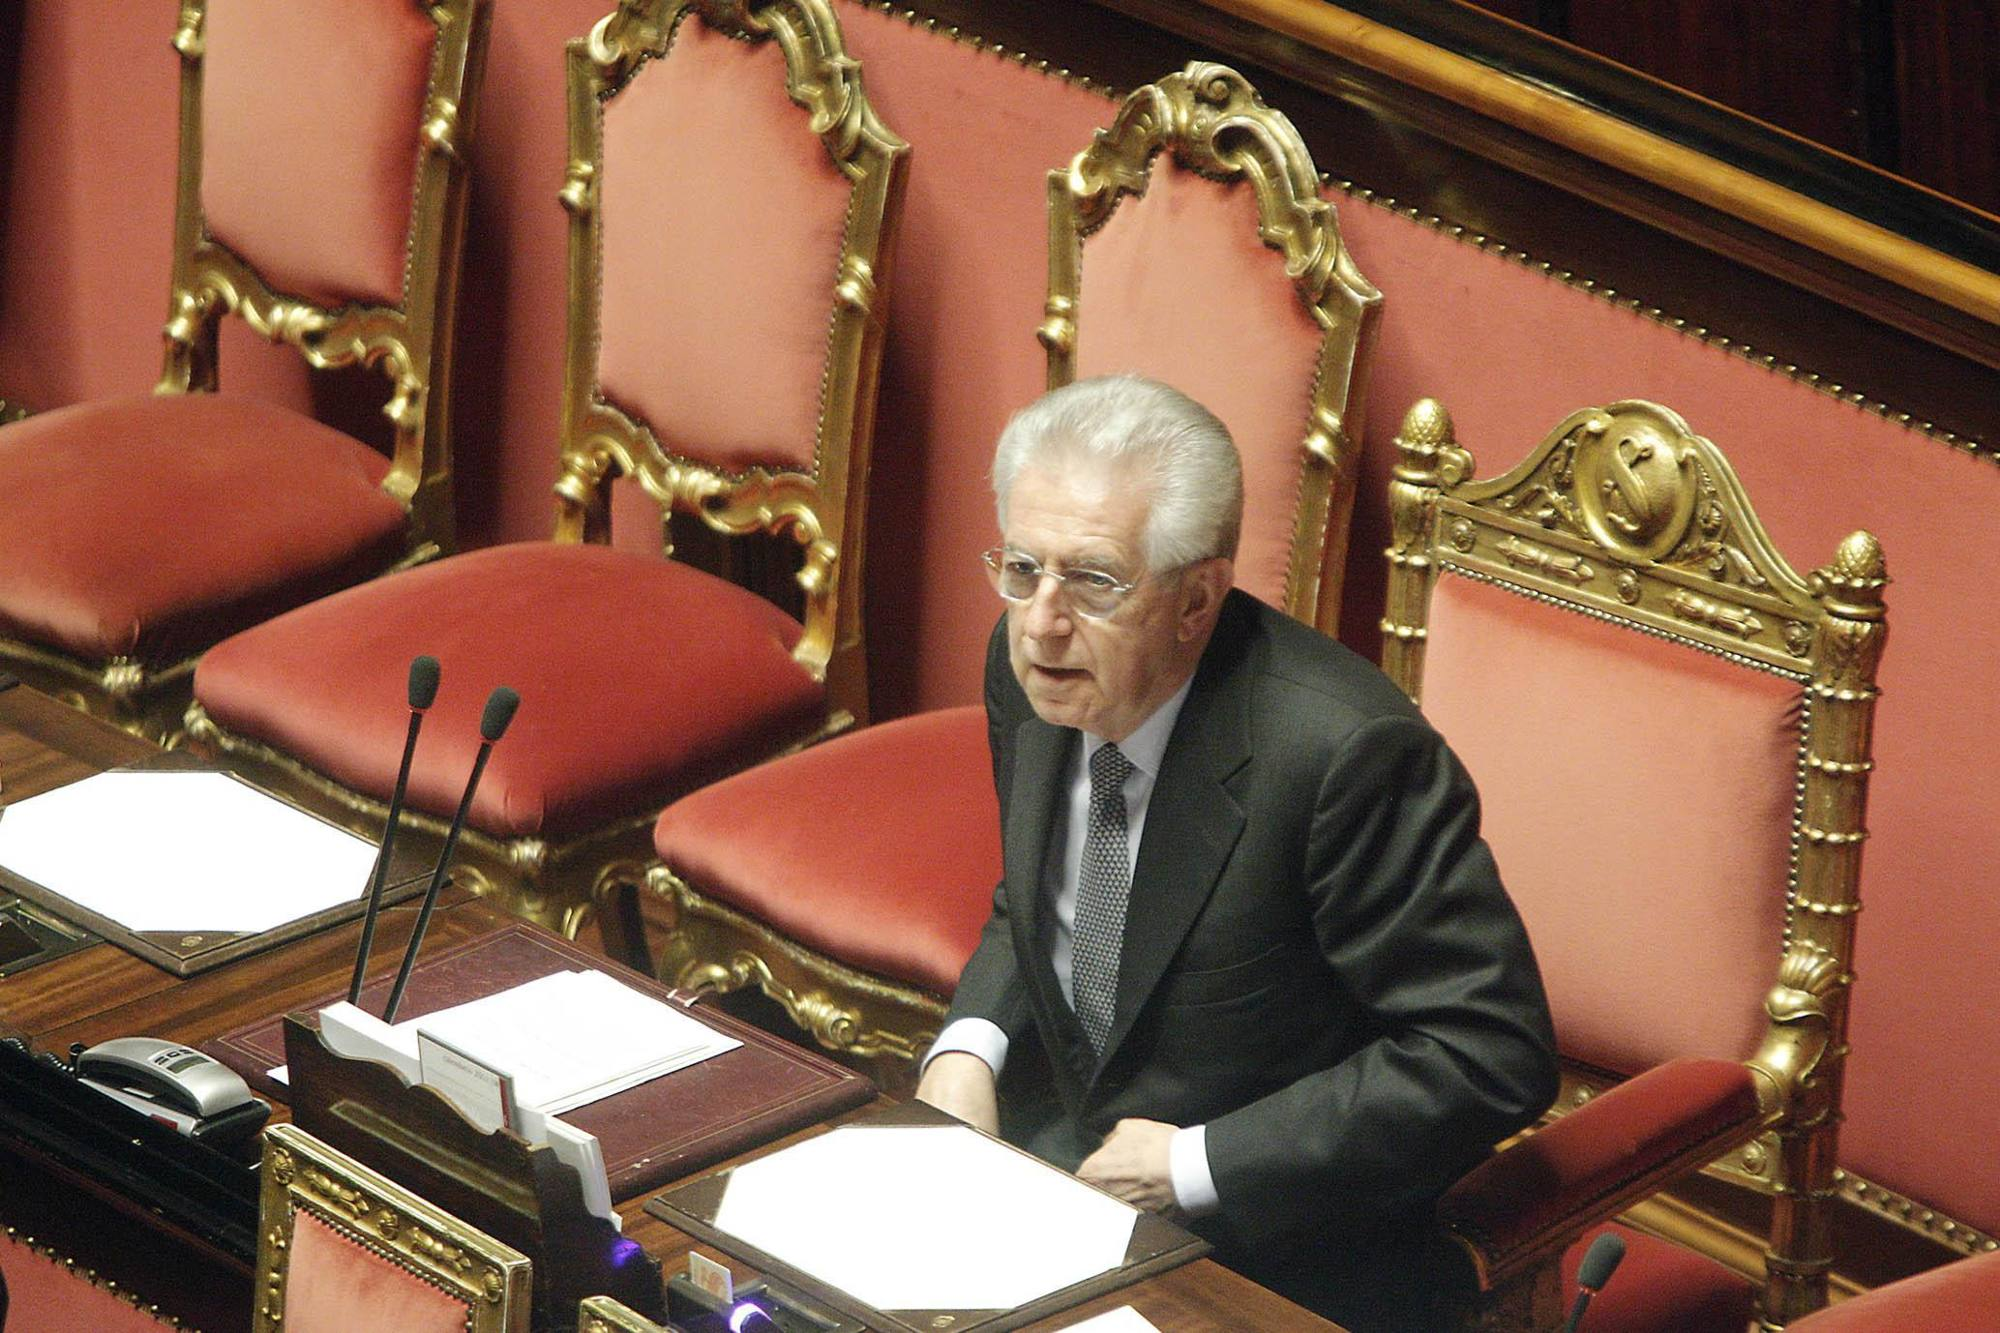 Il presidente del Consiglio Mario Monti (Ansa)